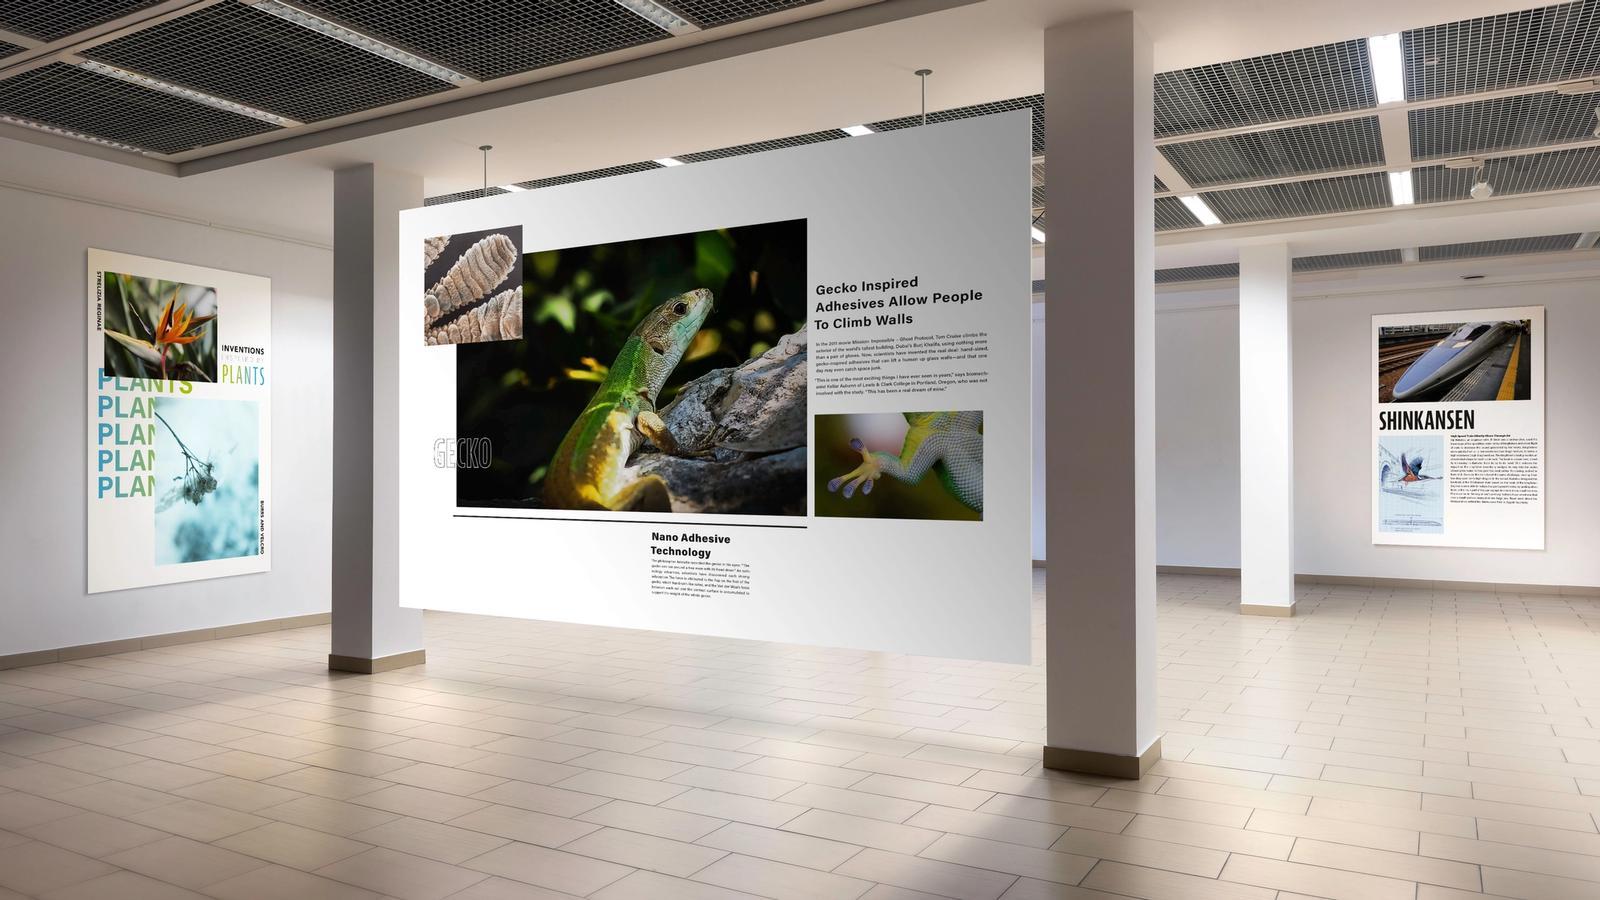 Biomimicry Exhibition